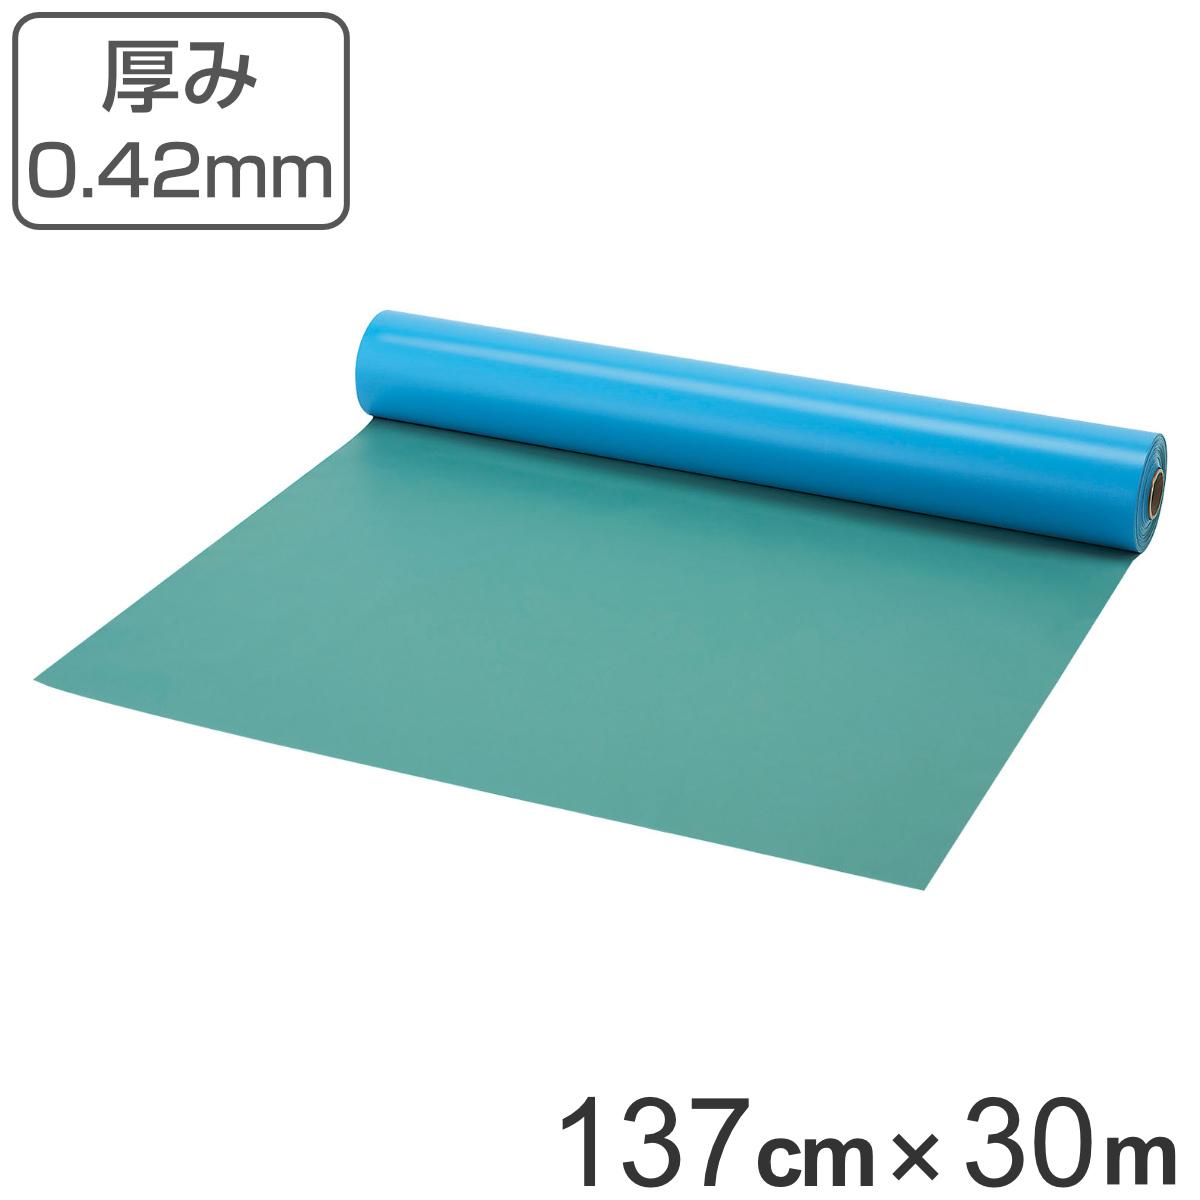 体育館用保護シート ニュ-フロアシート 0.42mm厚 30m巻 送料無料